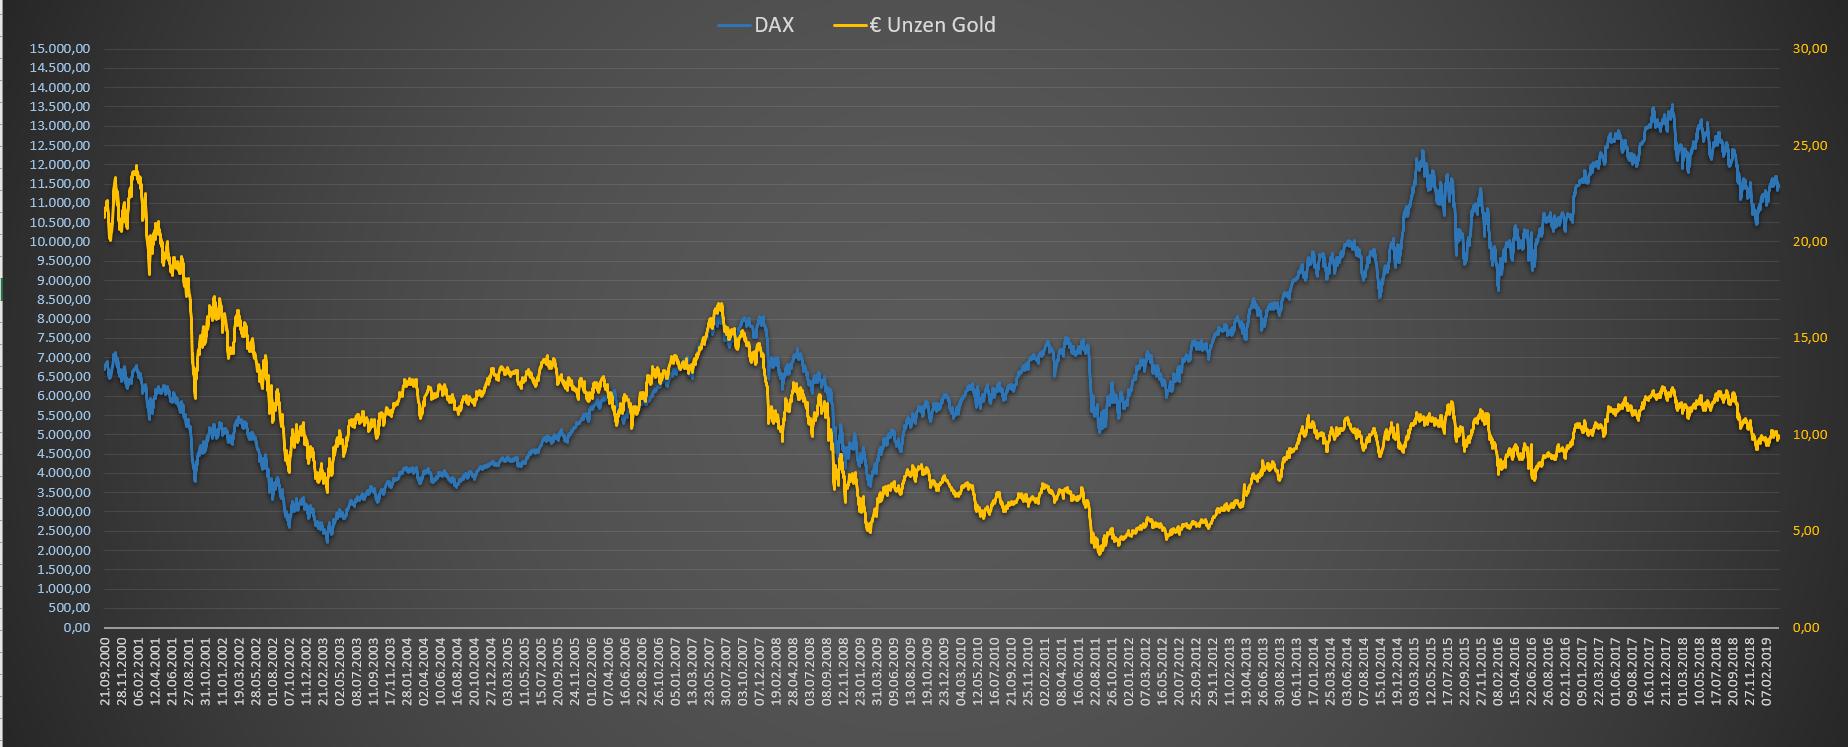 DAX Bewertung in Unzen Gold in Euro - Chart langfristig